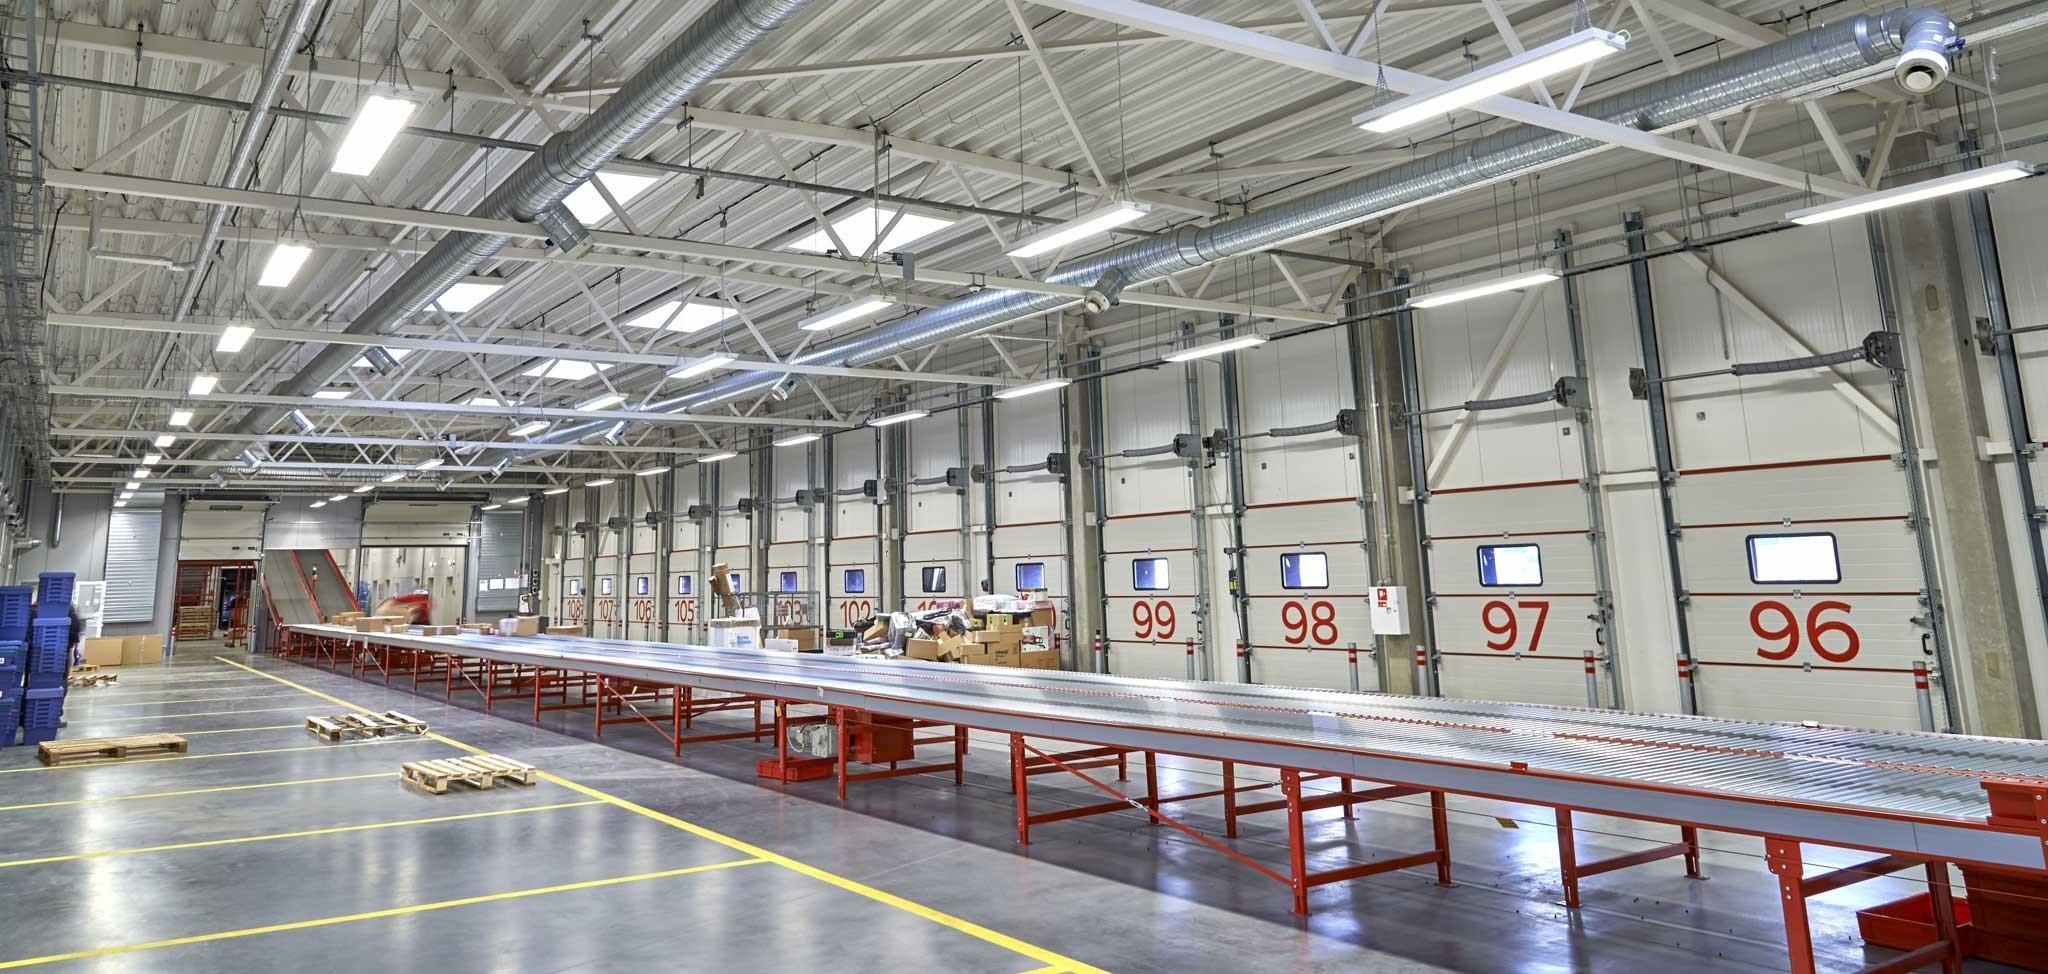 DPD Lietuva zařízení pro třídění parcel v Kaunas, Litva